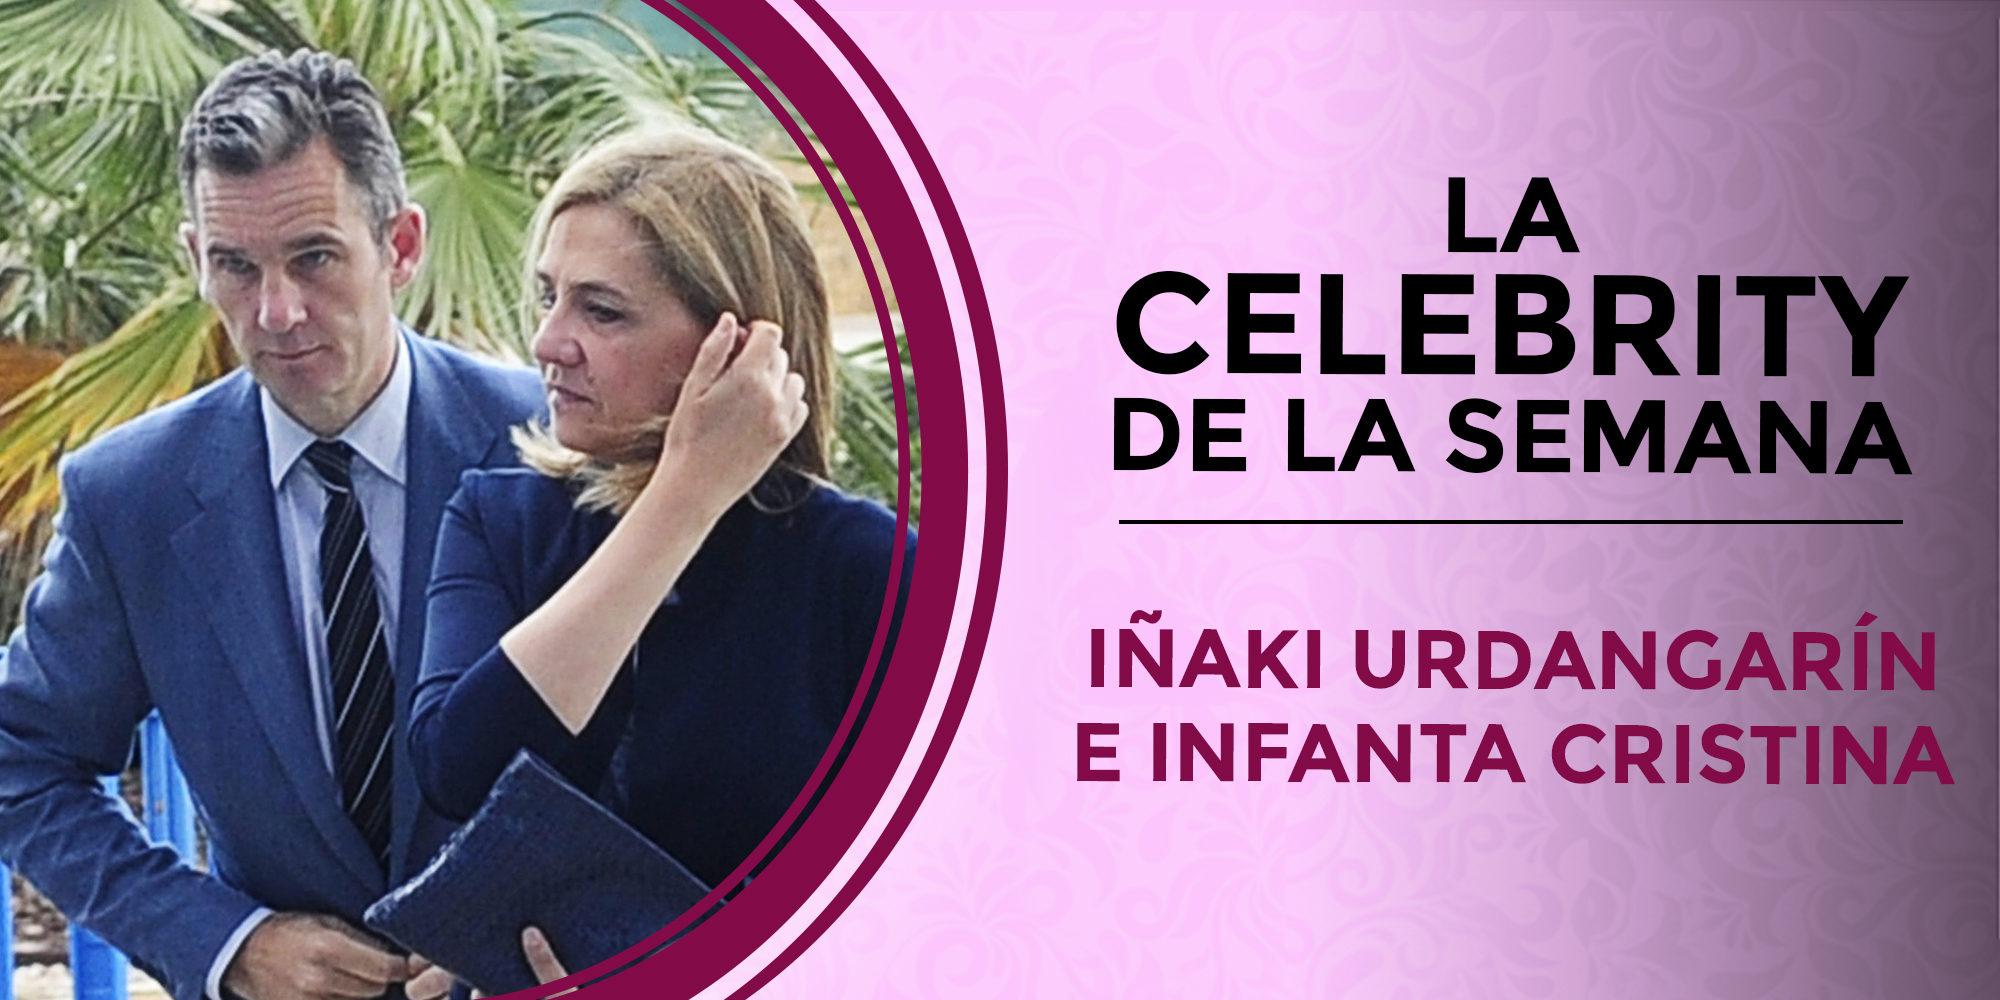 La sentencia de Nóos convierte a Iñaki Urdangarín y la Infanta Cristina en las celebrities de la semana